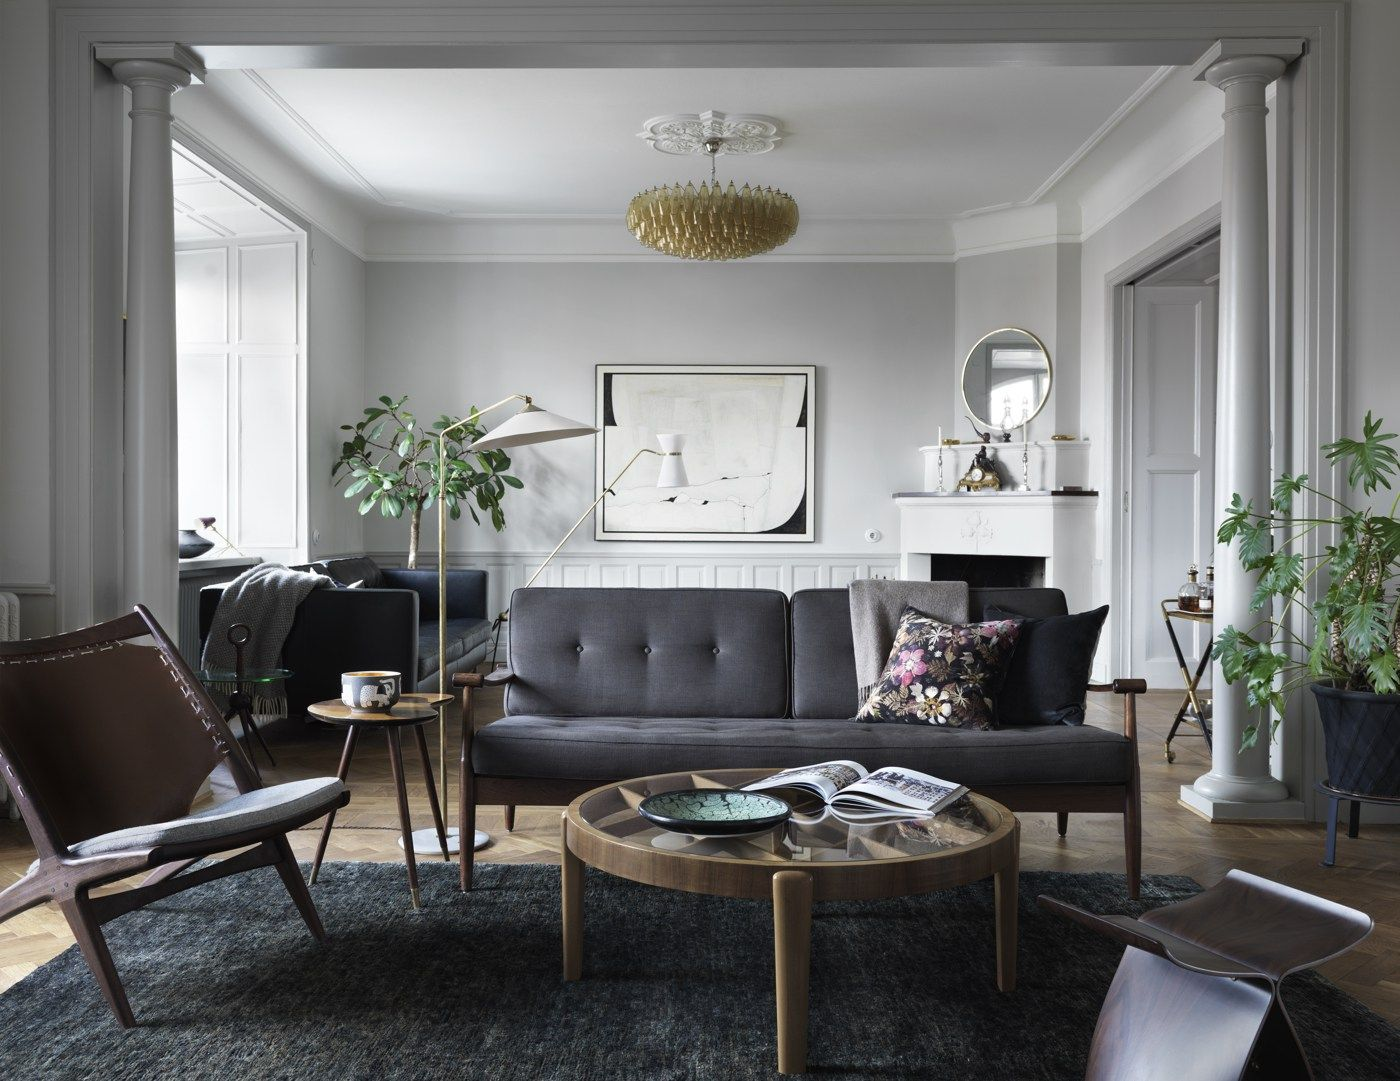 Blog de decoración, interiorismo, diseño, arquitectura y arte - EI